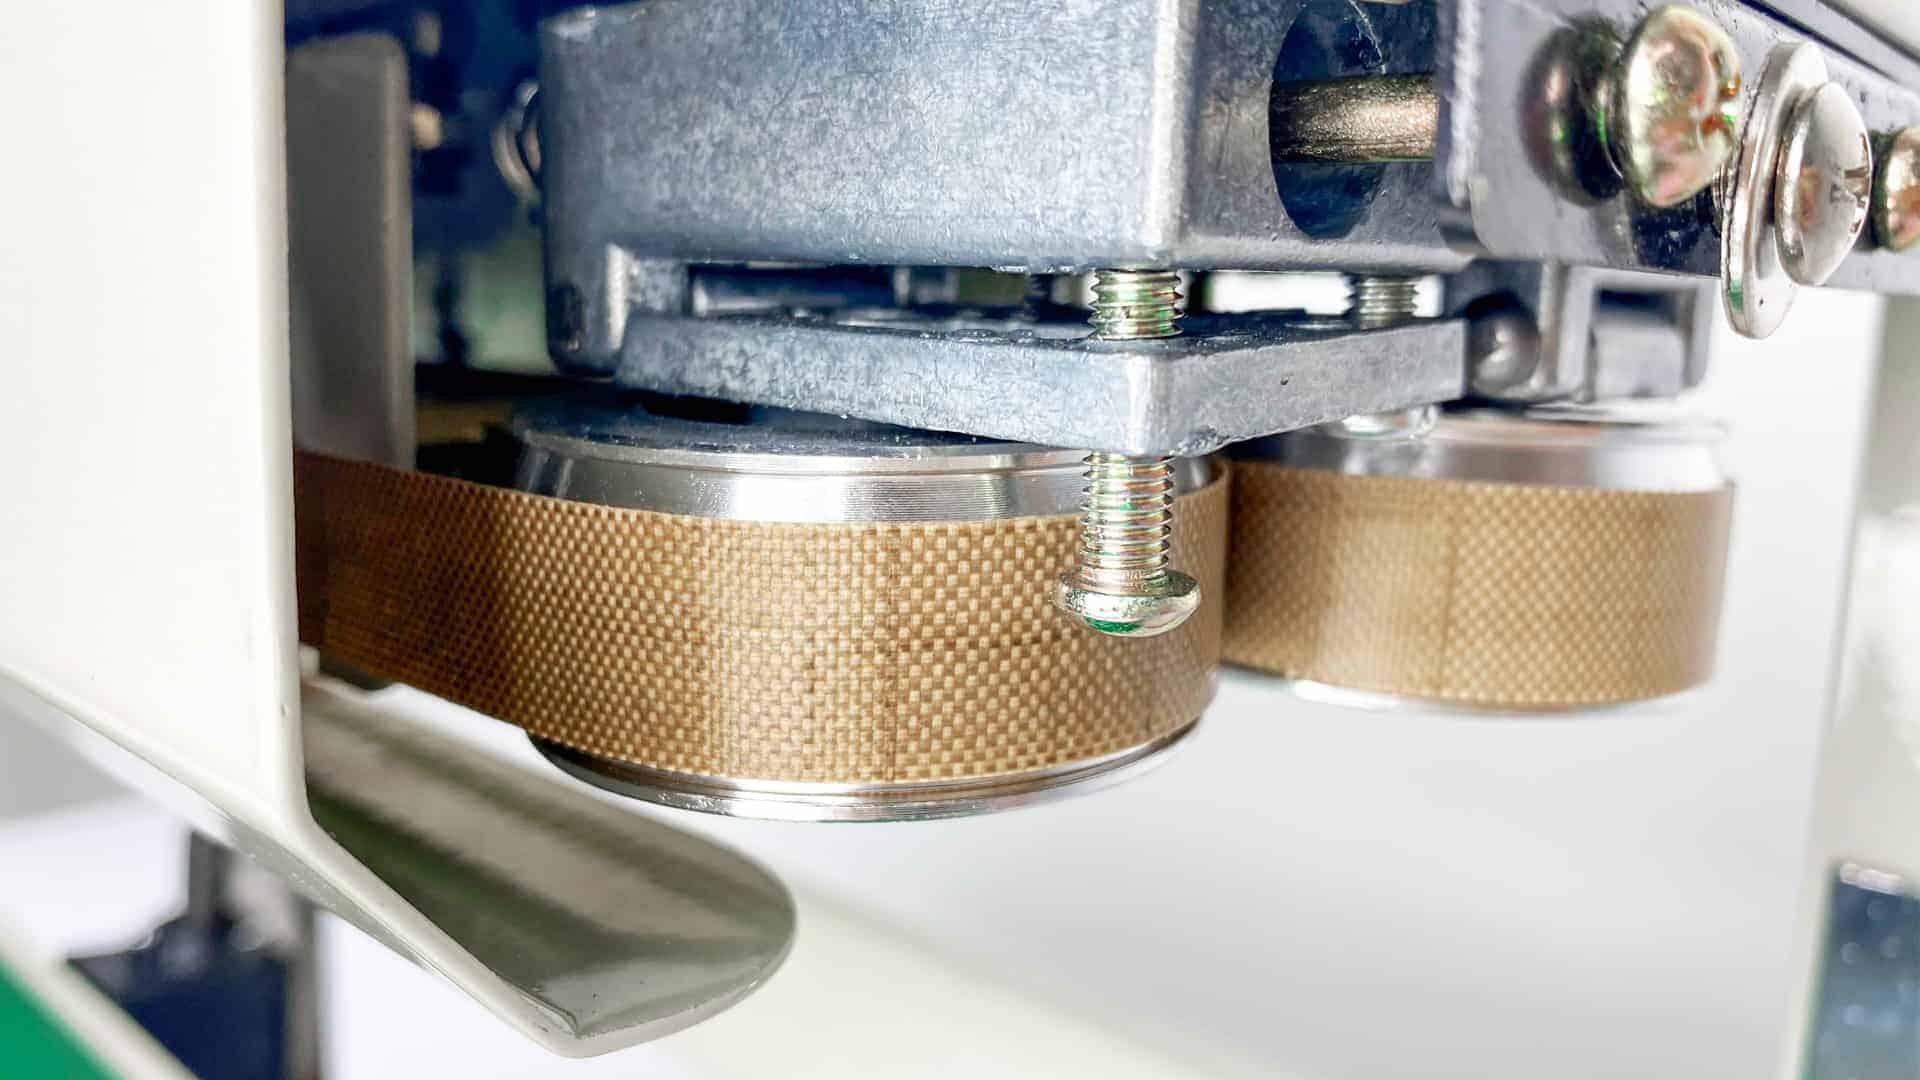 Độ dày dải hàn máy hàn miệng túi tự động băng chuyền AS02 tới 10mm